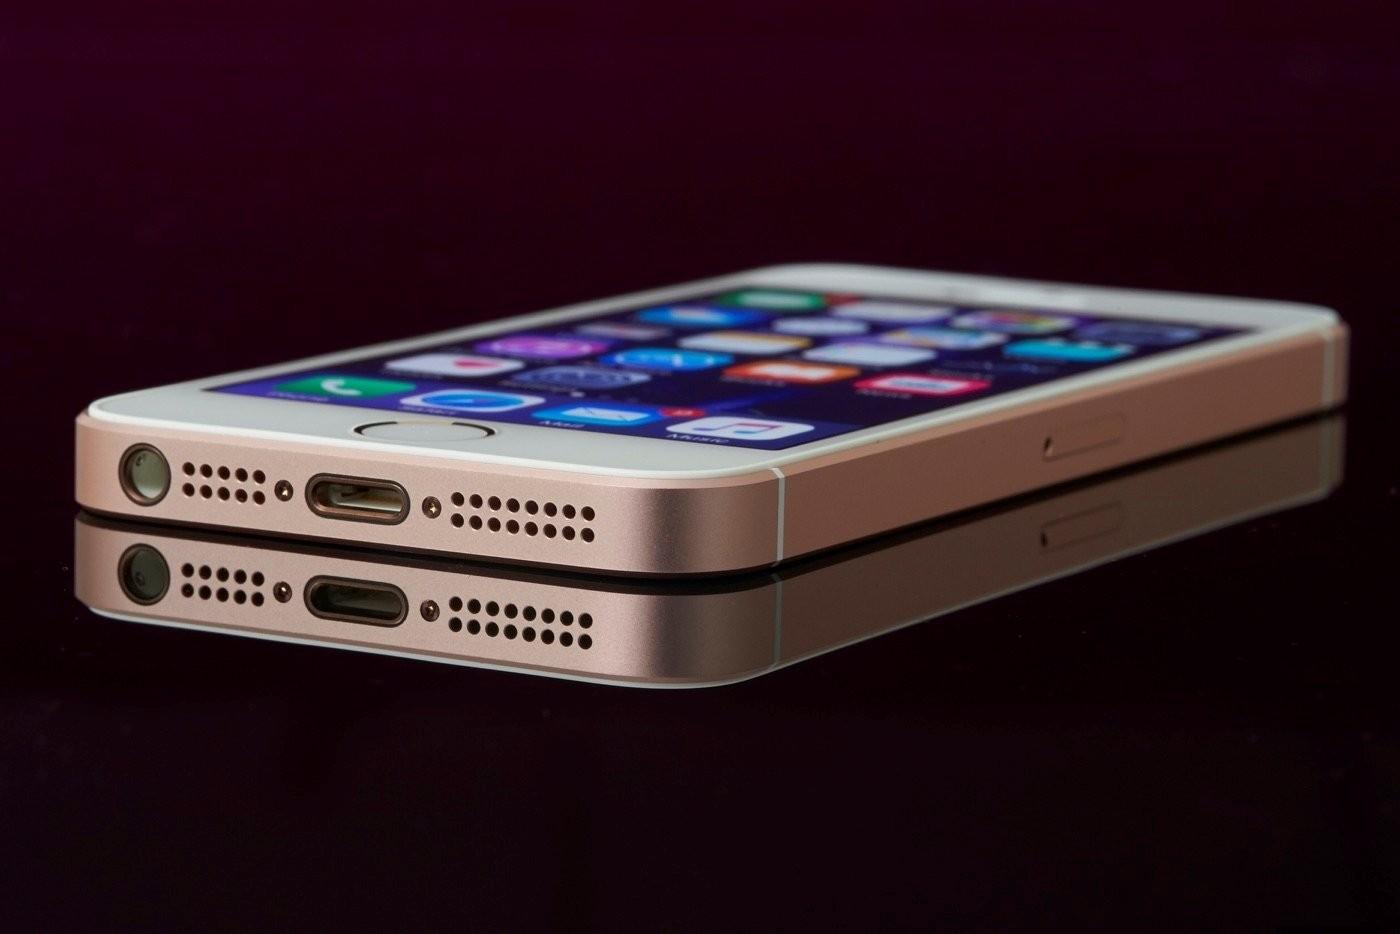 IPhoneSE получил до128 Гбайт встроенной памяти